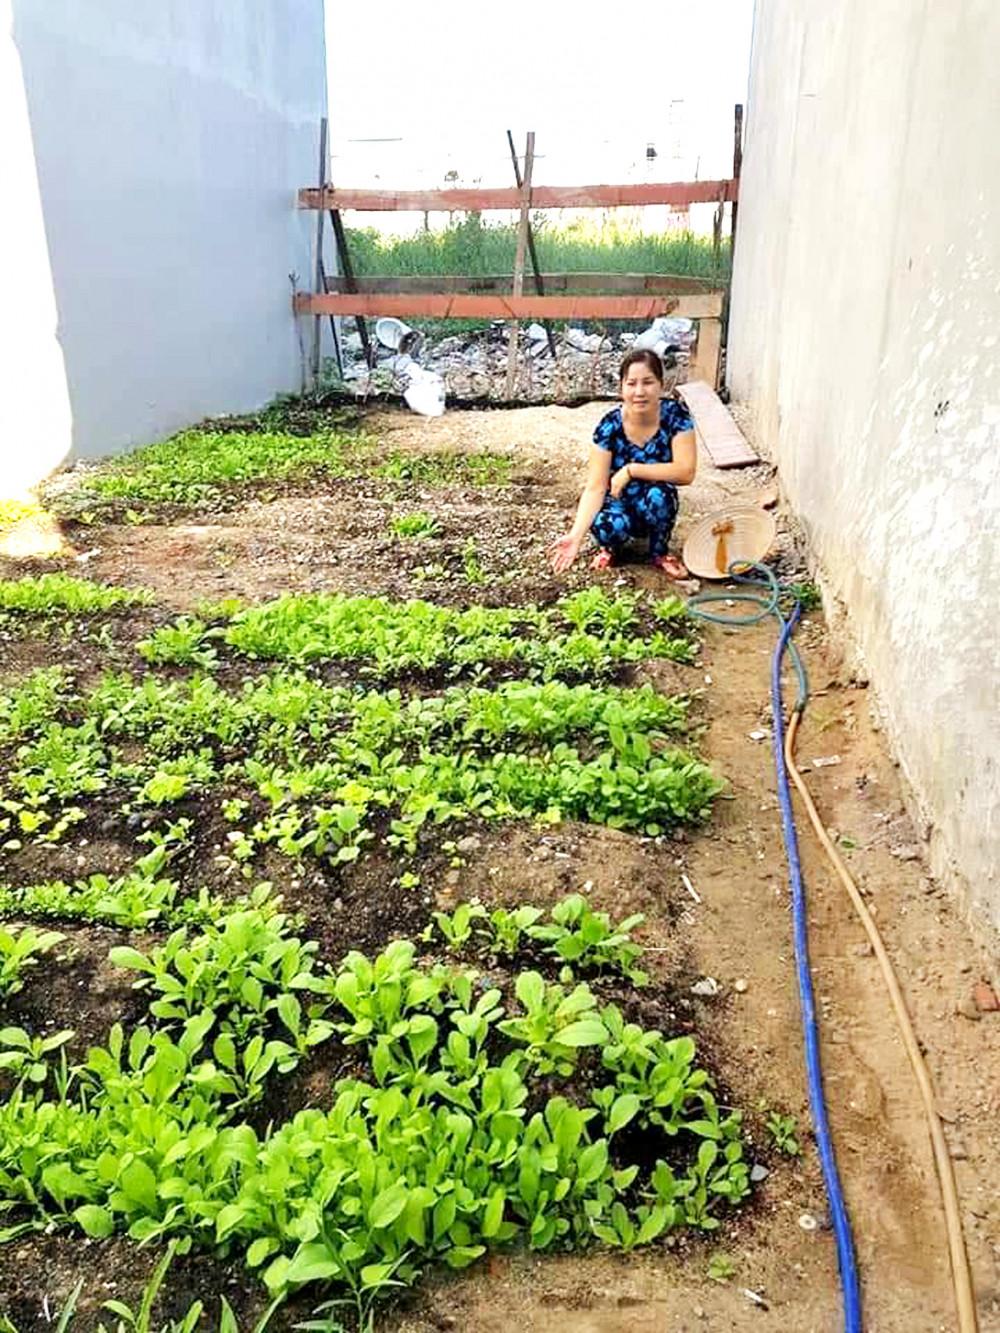 Mô hình vườn rau dinh dưỡng gia đình được Hội LHPN các quận huyện chú trọng phát triển trong suốt 7 năm qua